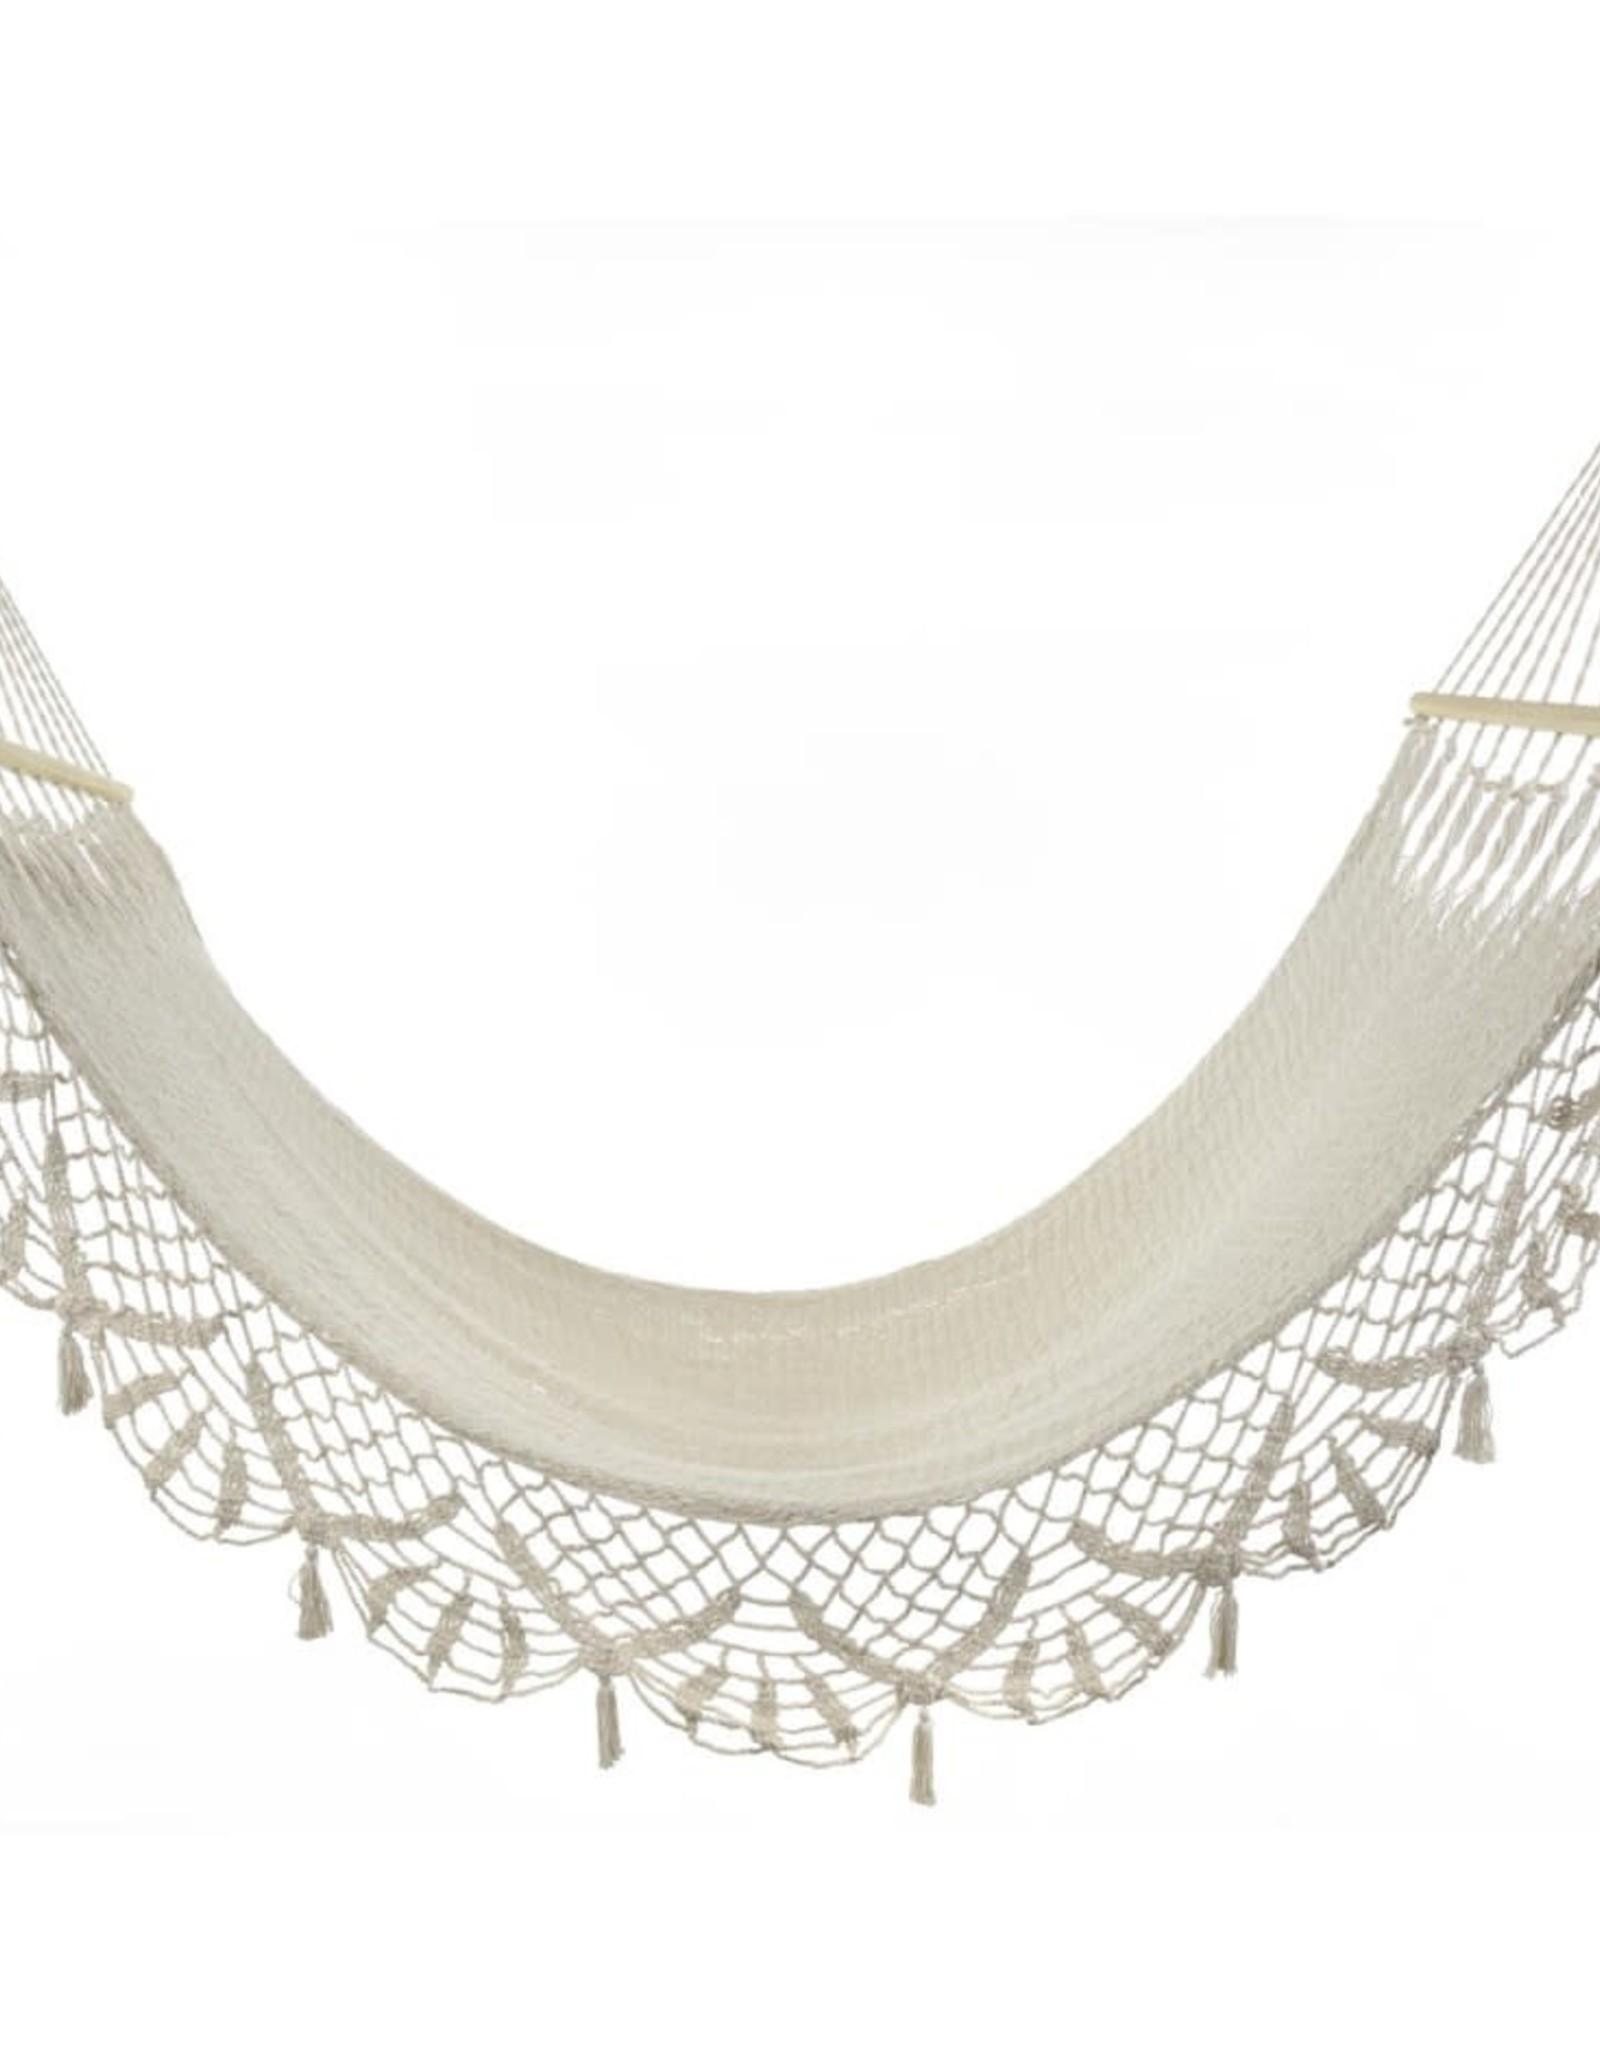 Hamac - Coton tressé ivoire